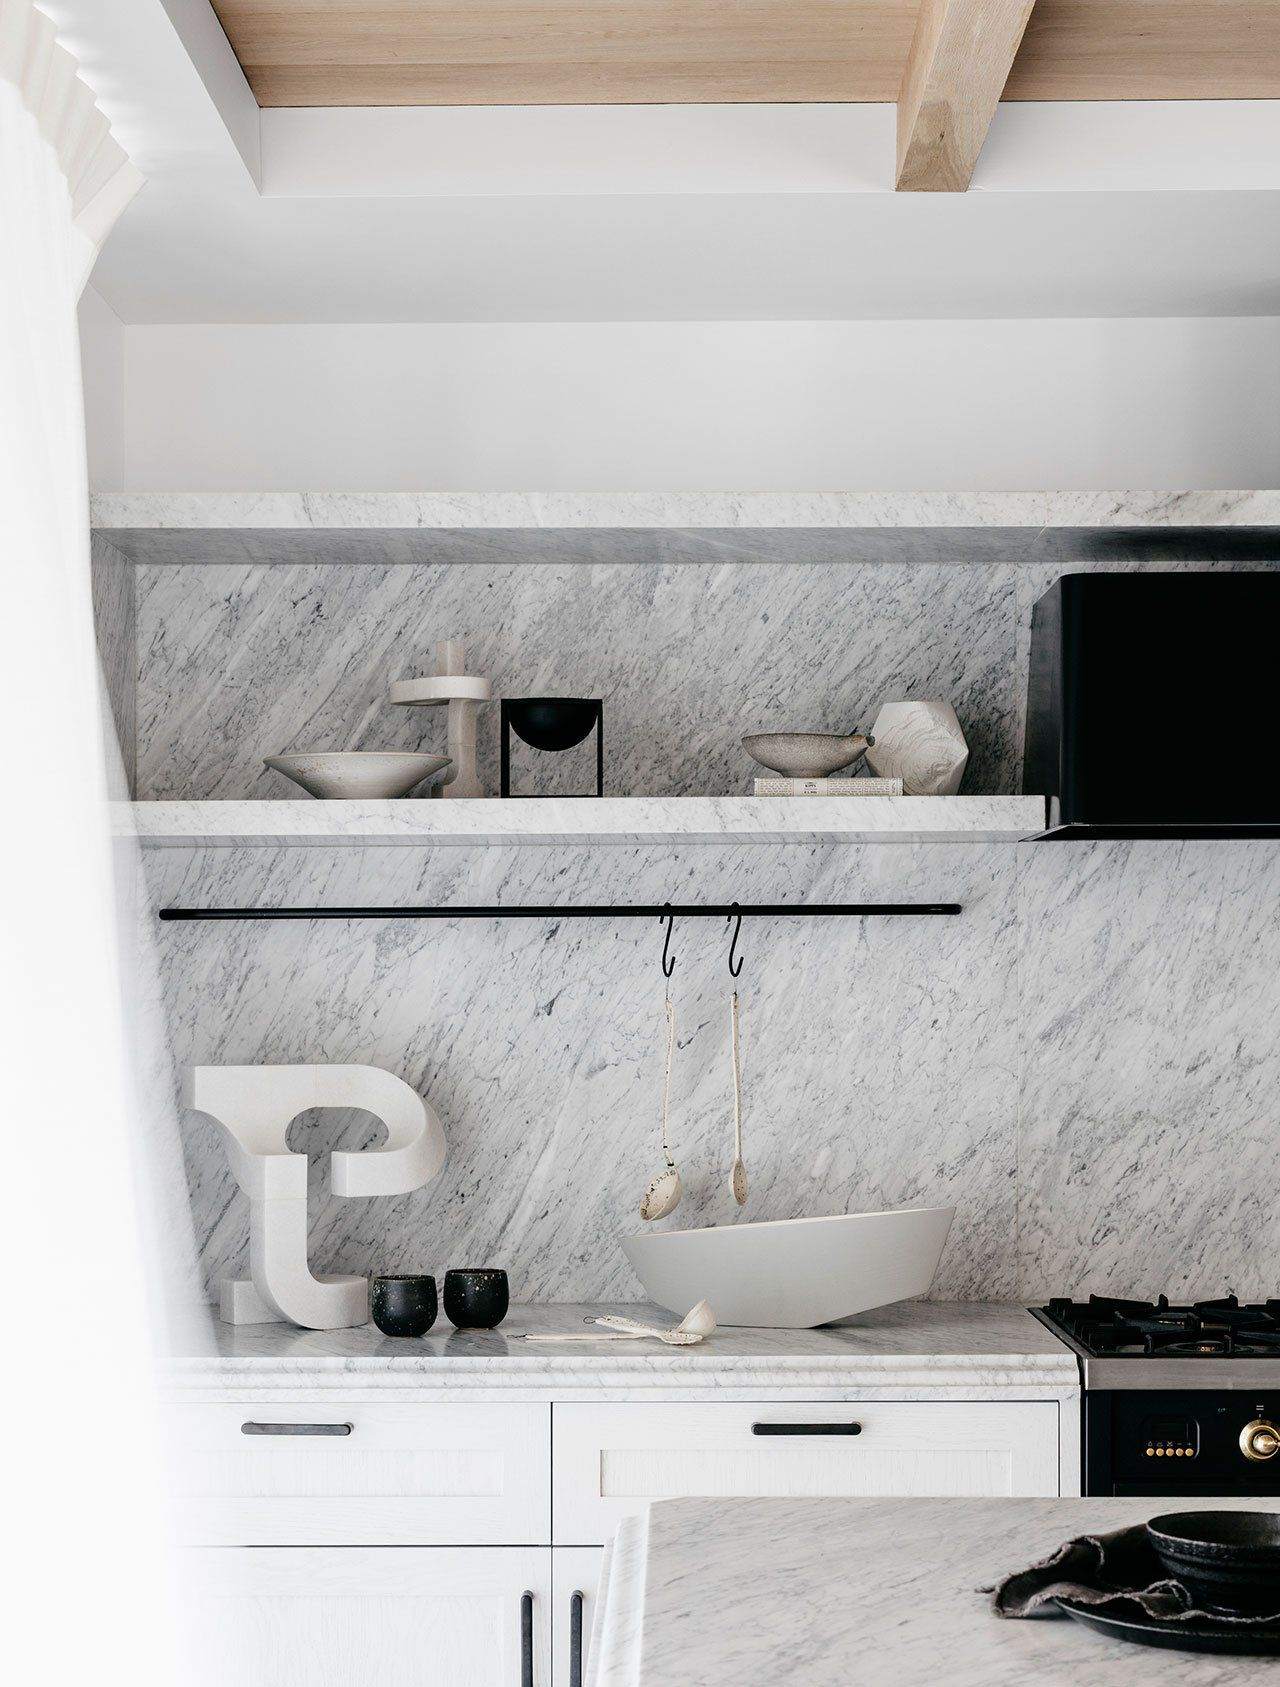 white Carrera marble kitchen backsplash